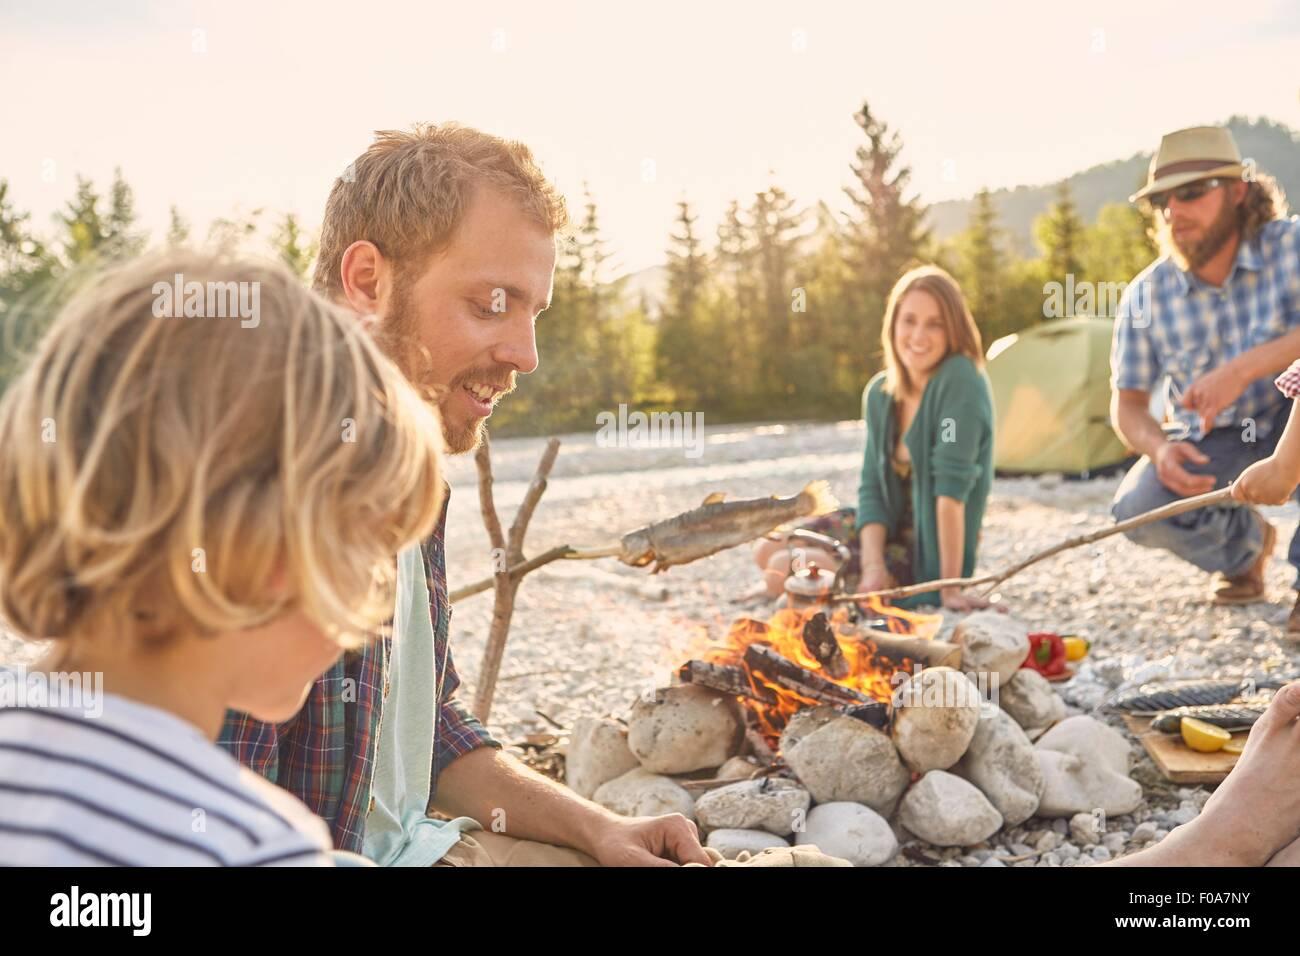 Familia sentados alrededor de una fogata Cocinando pescado adjunta a la sucursal Imagen De Stock